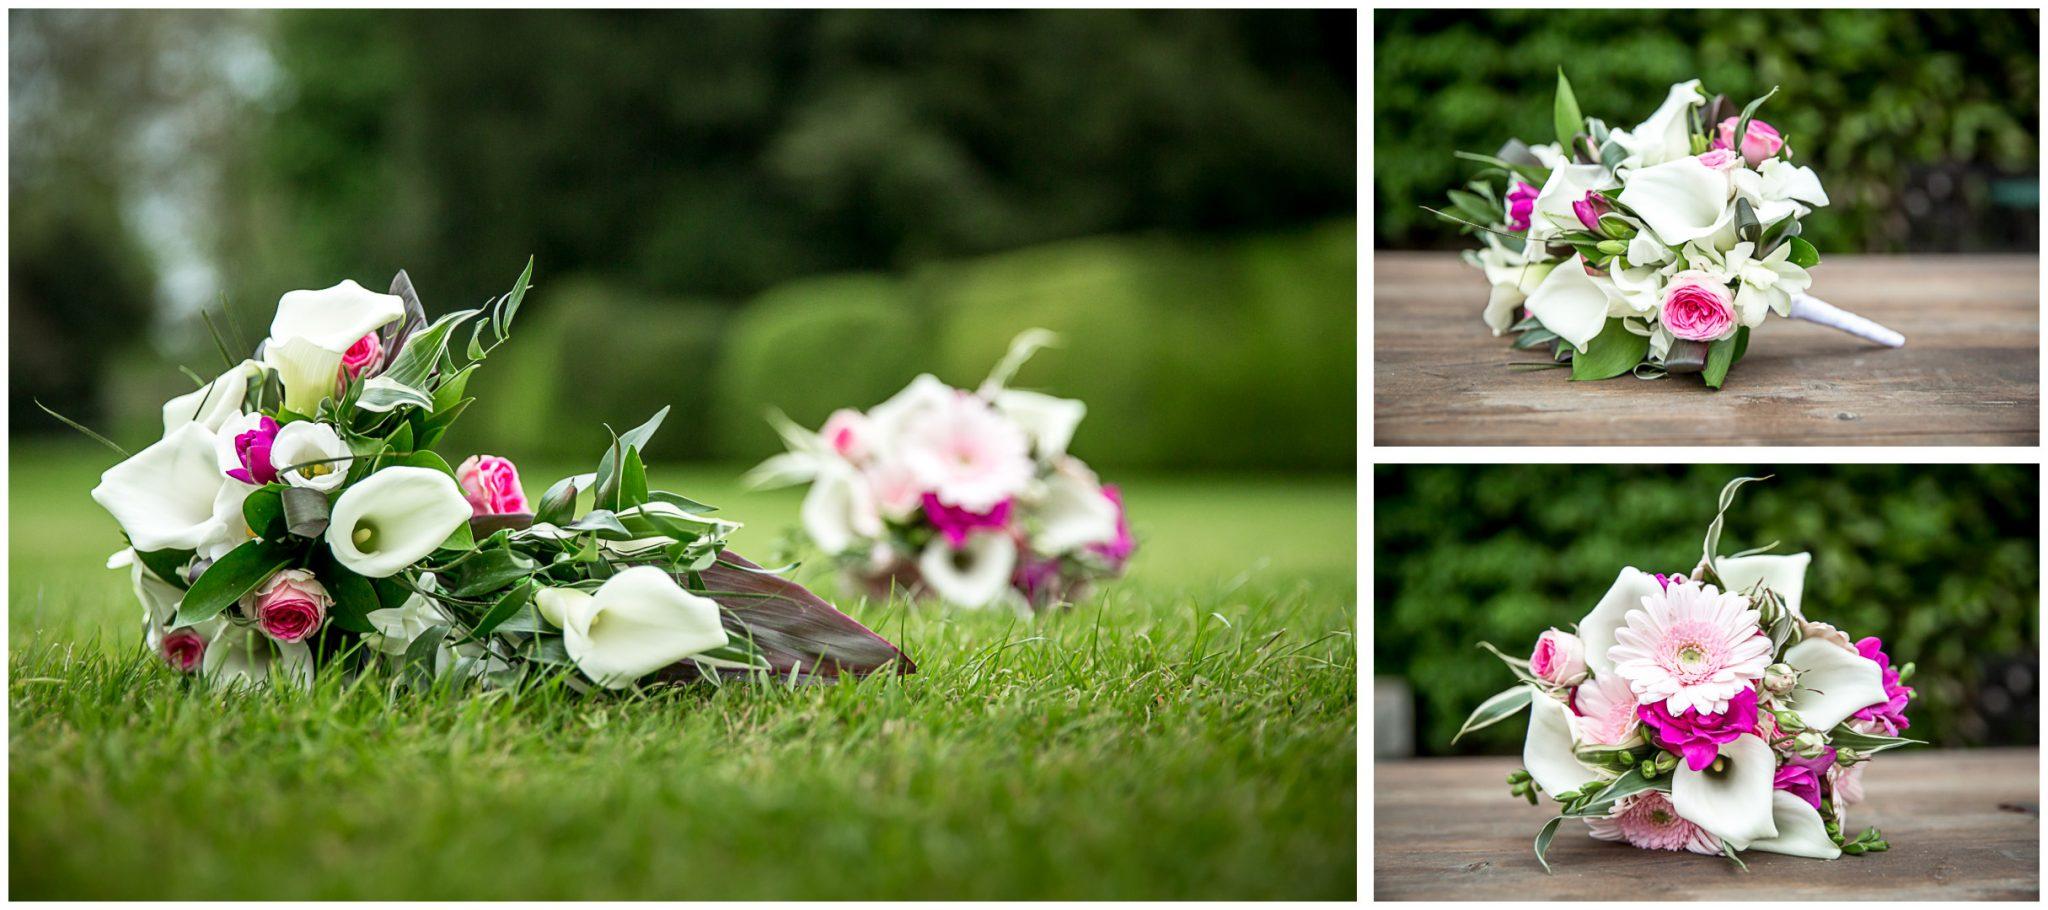 Avington Park wedding photography bride's bouquet